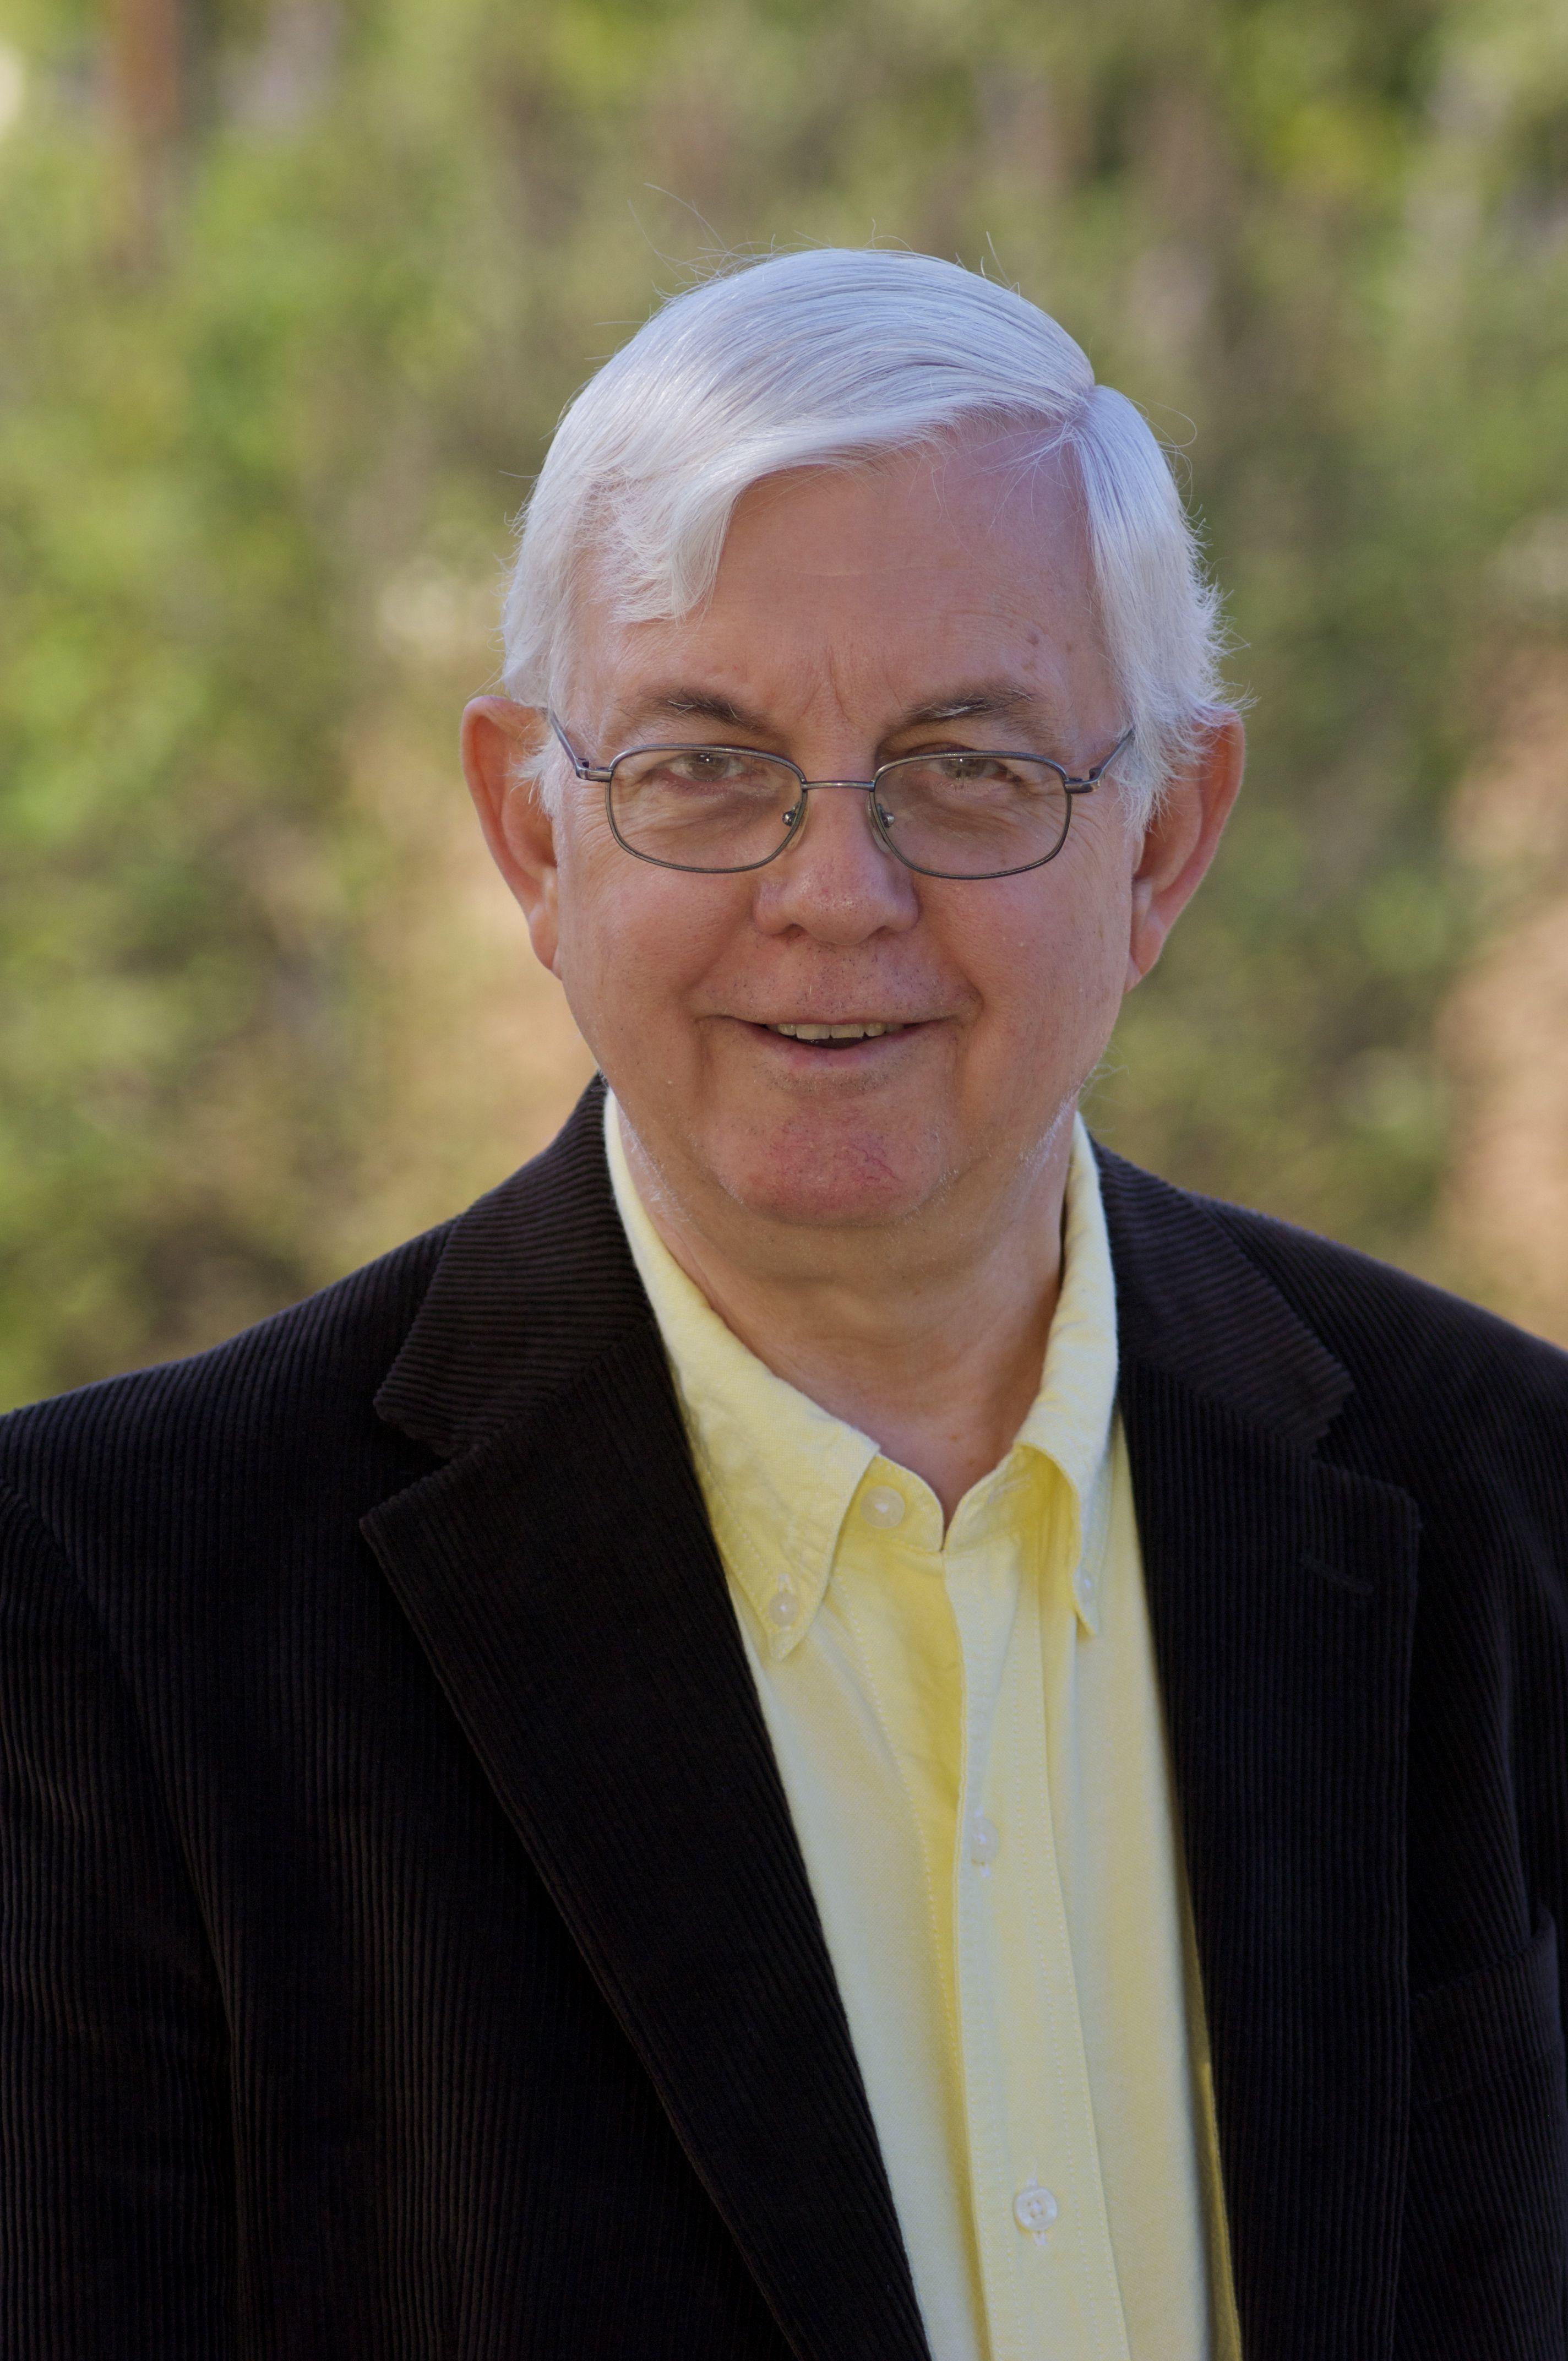 Earl J. Nichols, D.Min, LMFT